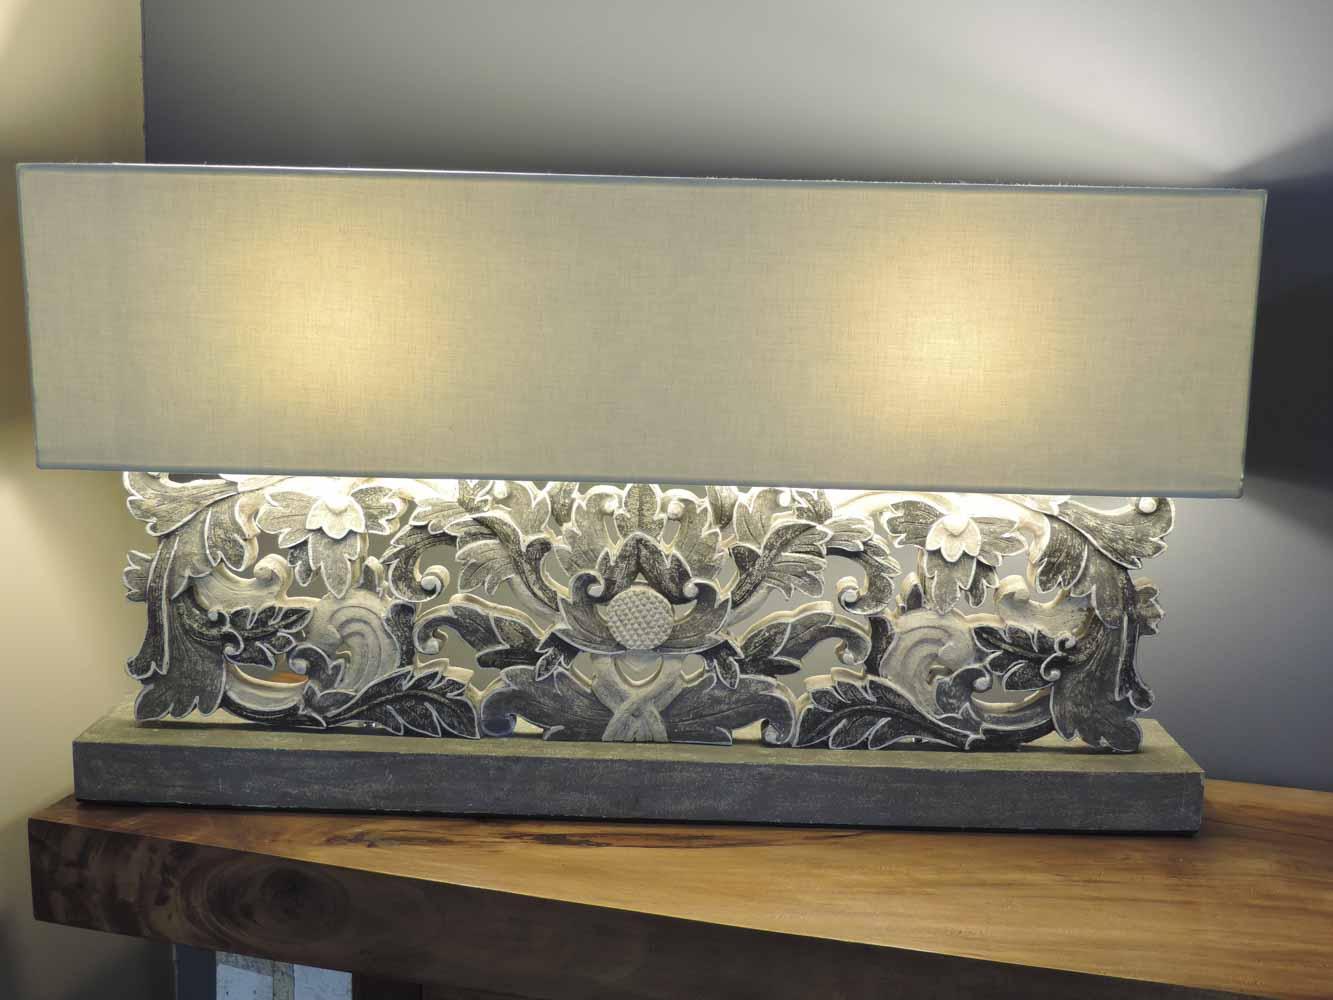 ori lampe de salon en bois patine arabesque gris 1 m x 55cm 997 954 Résultat Supérieur 60 Beau Lampe Cloche Galerie 2018 Hdj5